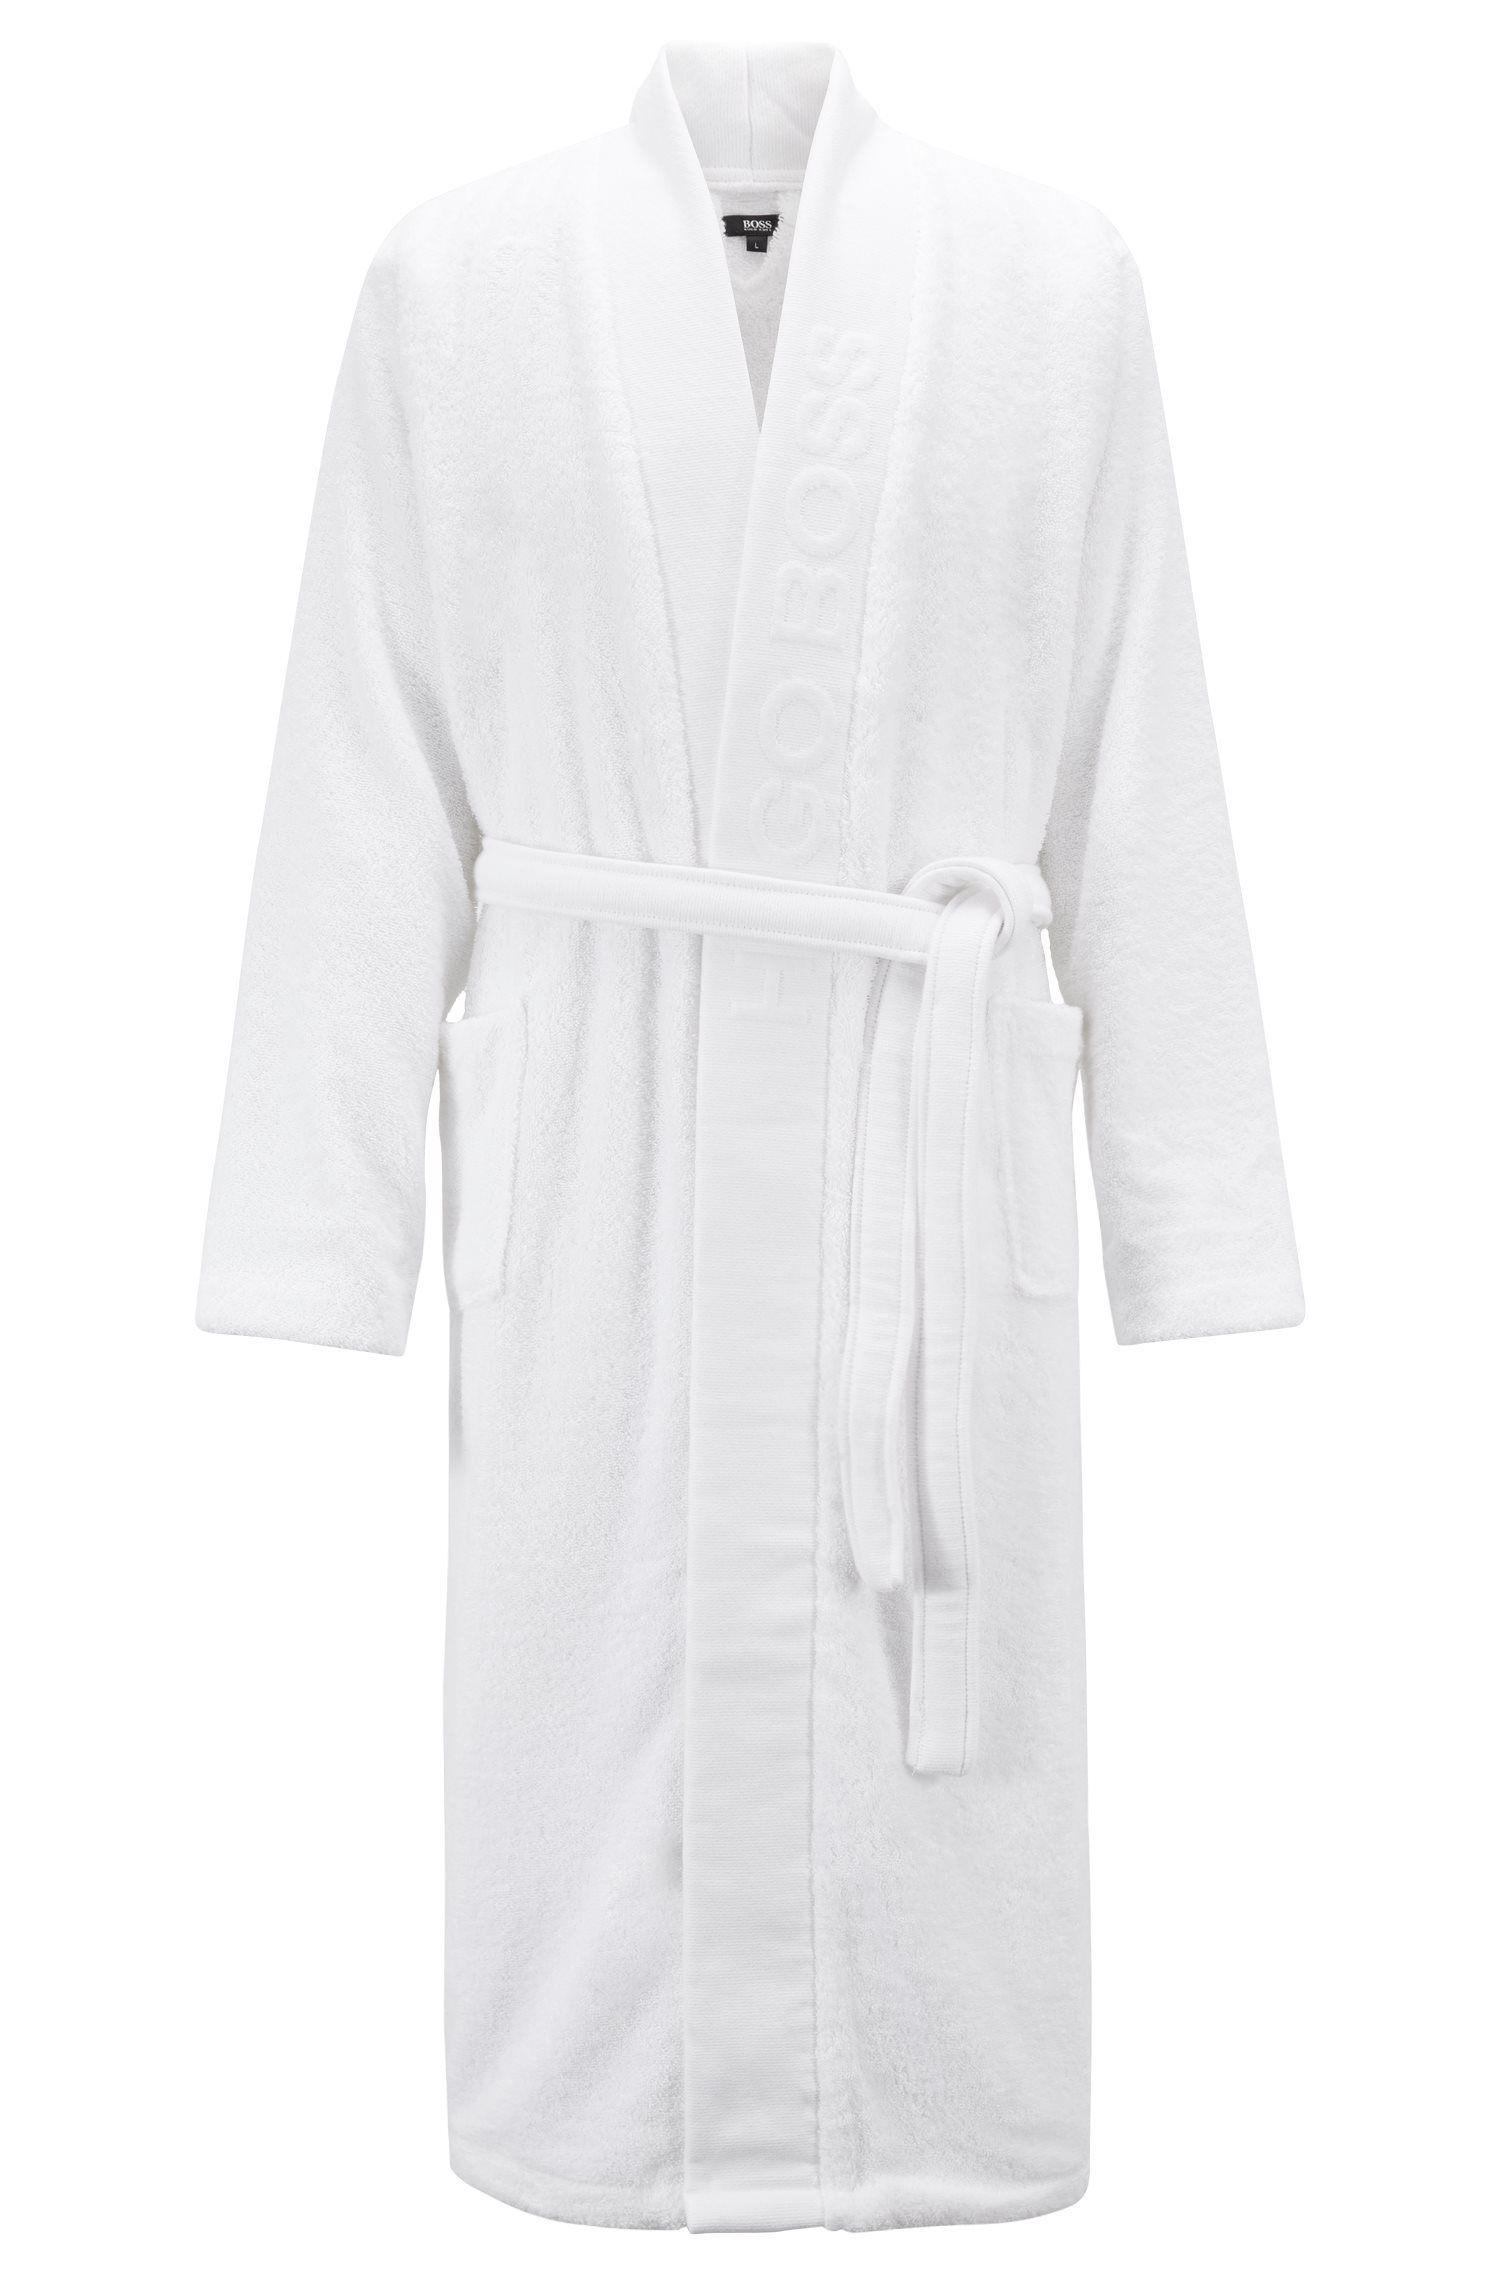 3eb41b7816 BOSS - White Unisex Dressing Gown In Egyptian Cotton for Men - Lyst. View  fullscreen